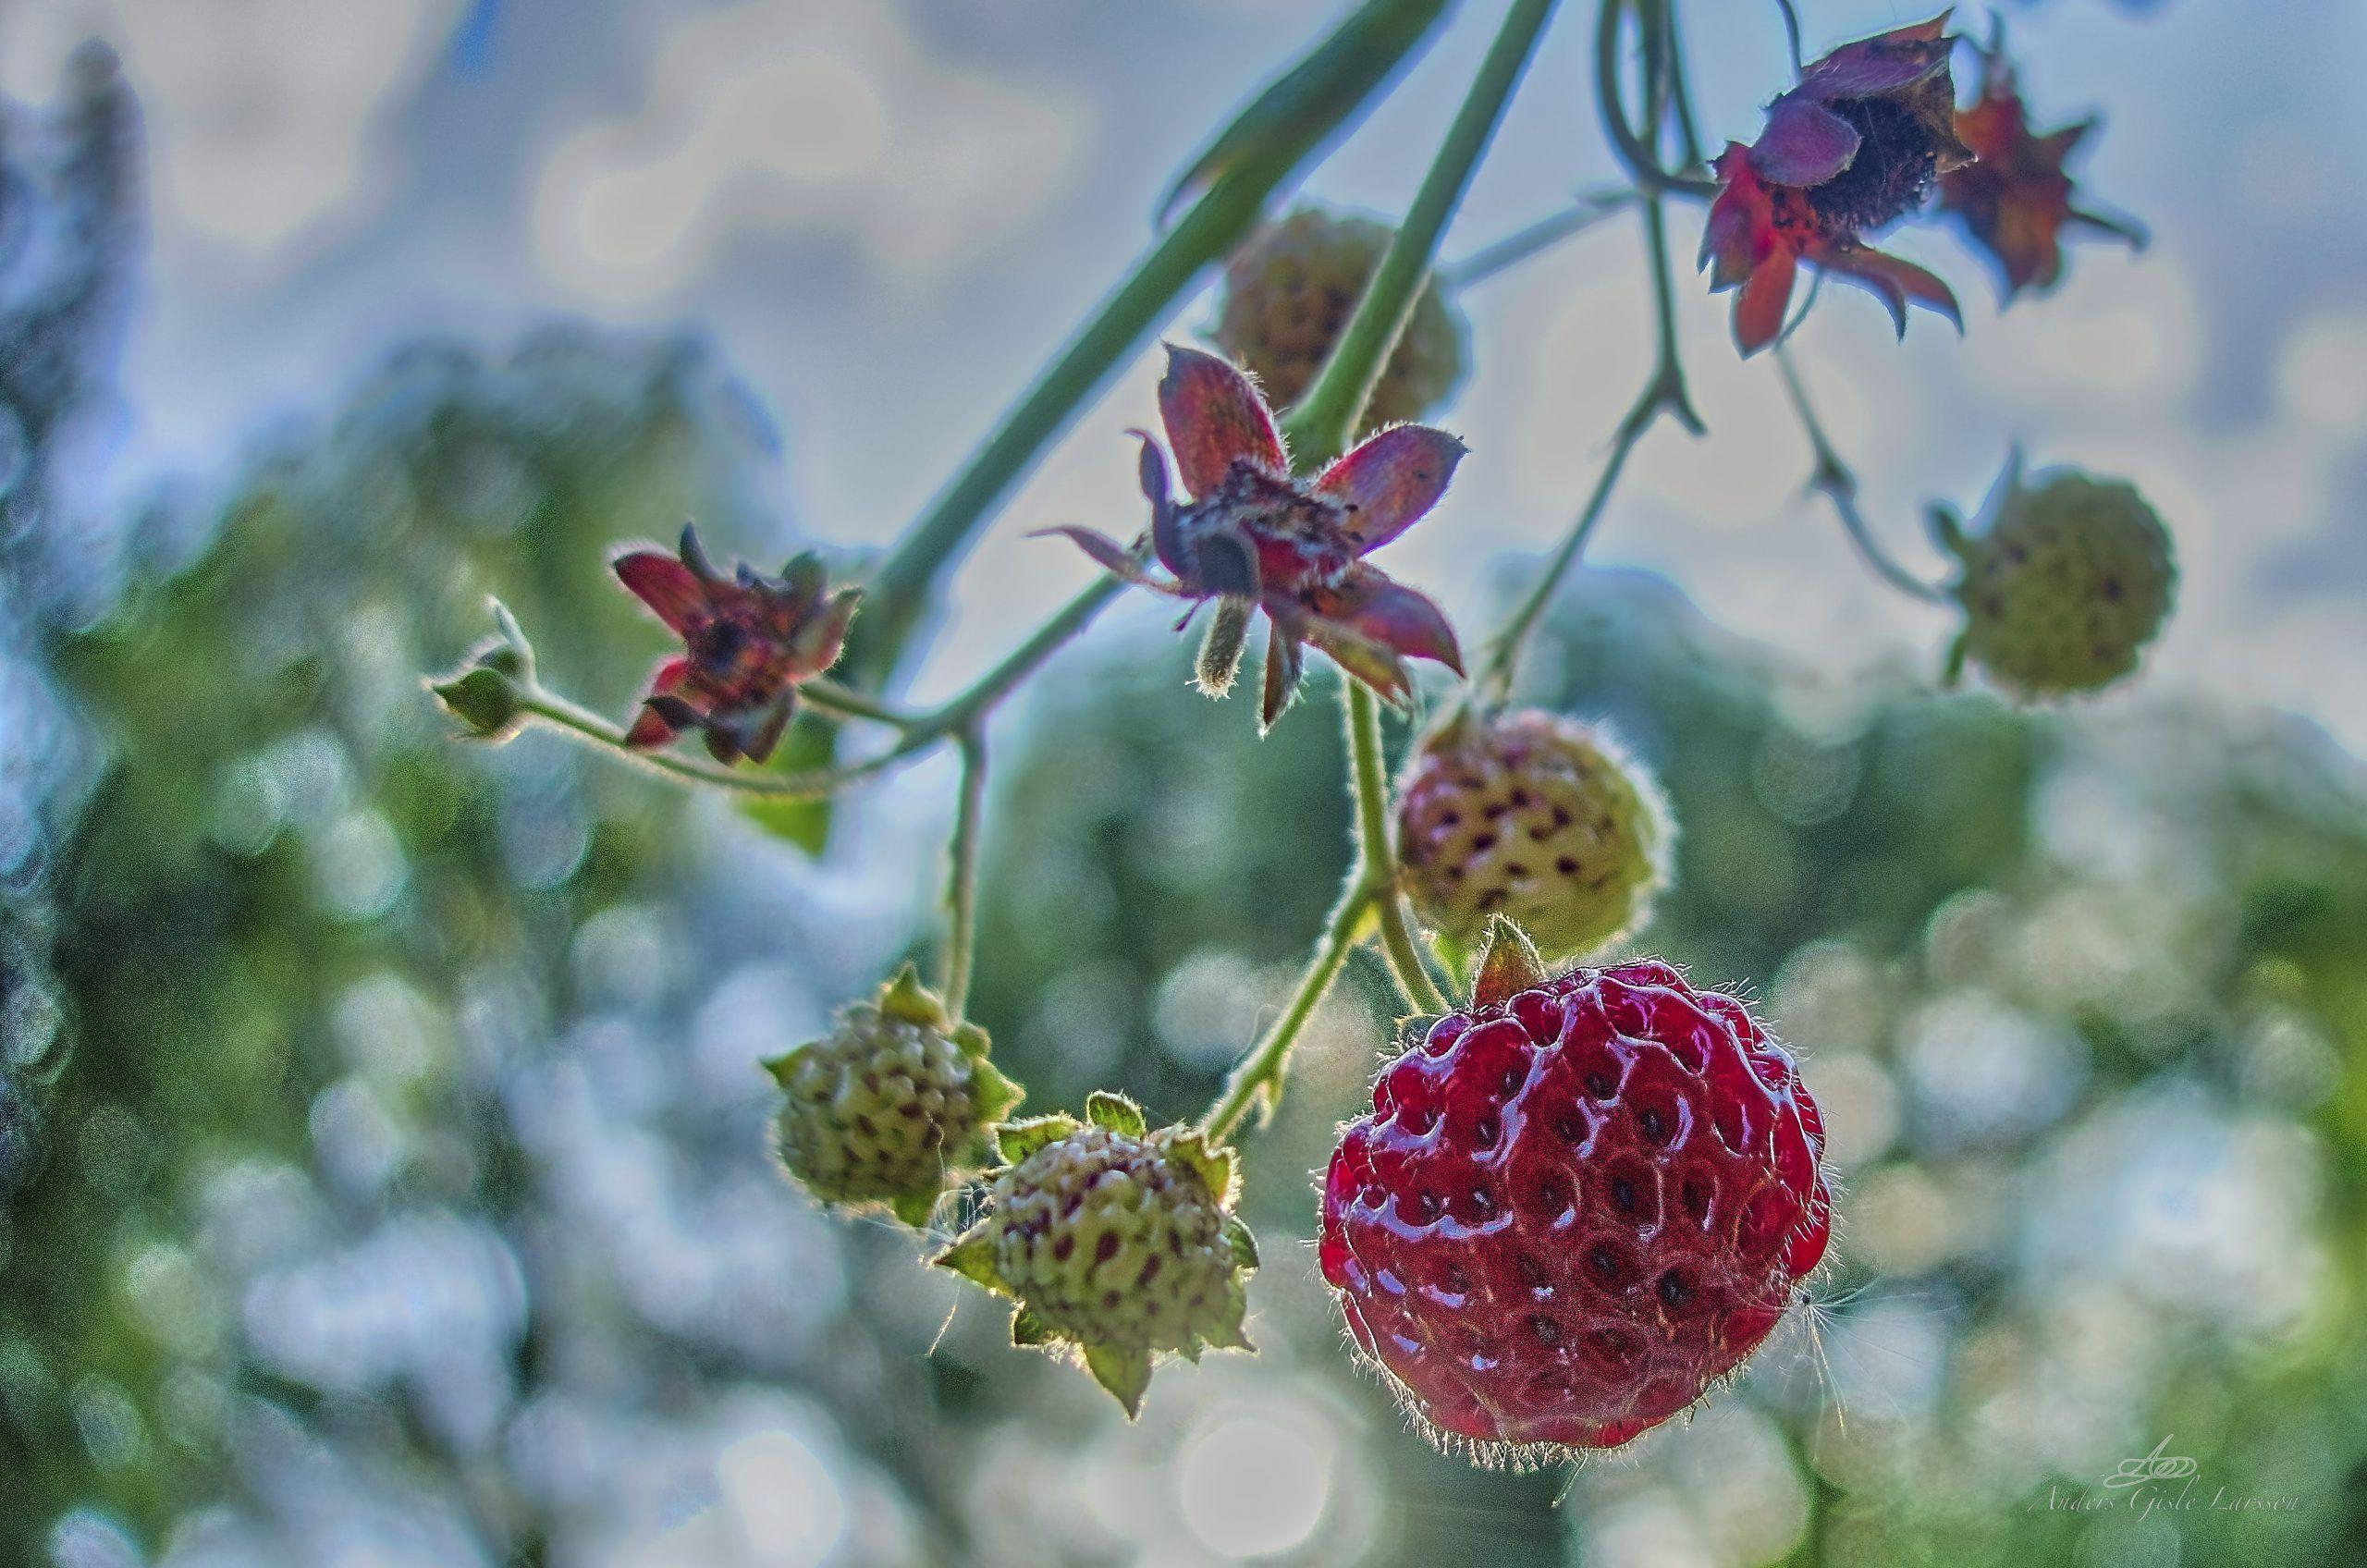 323/365, Hindbær Jordbær, Assentoft, Randers